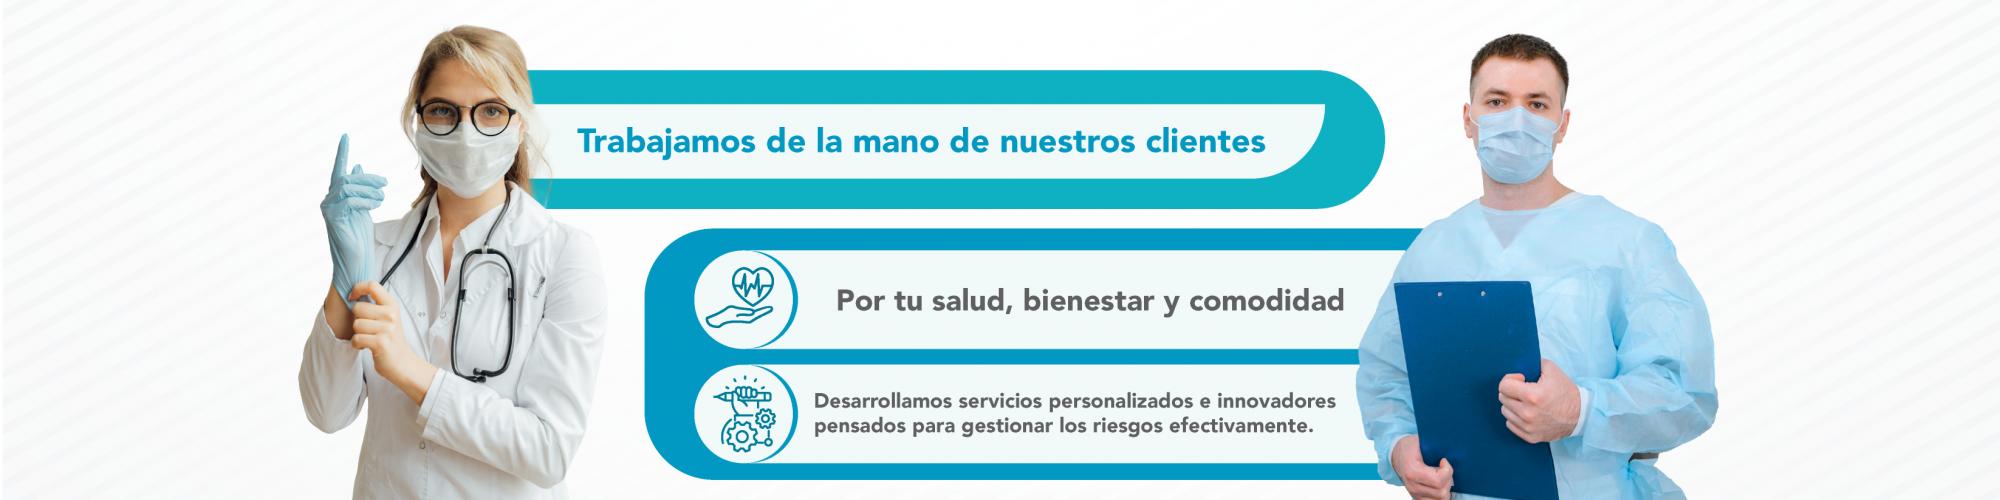 6-Servicios-corporativos